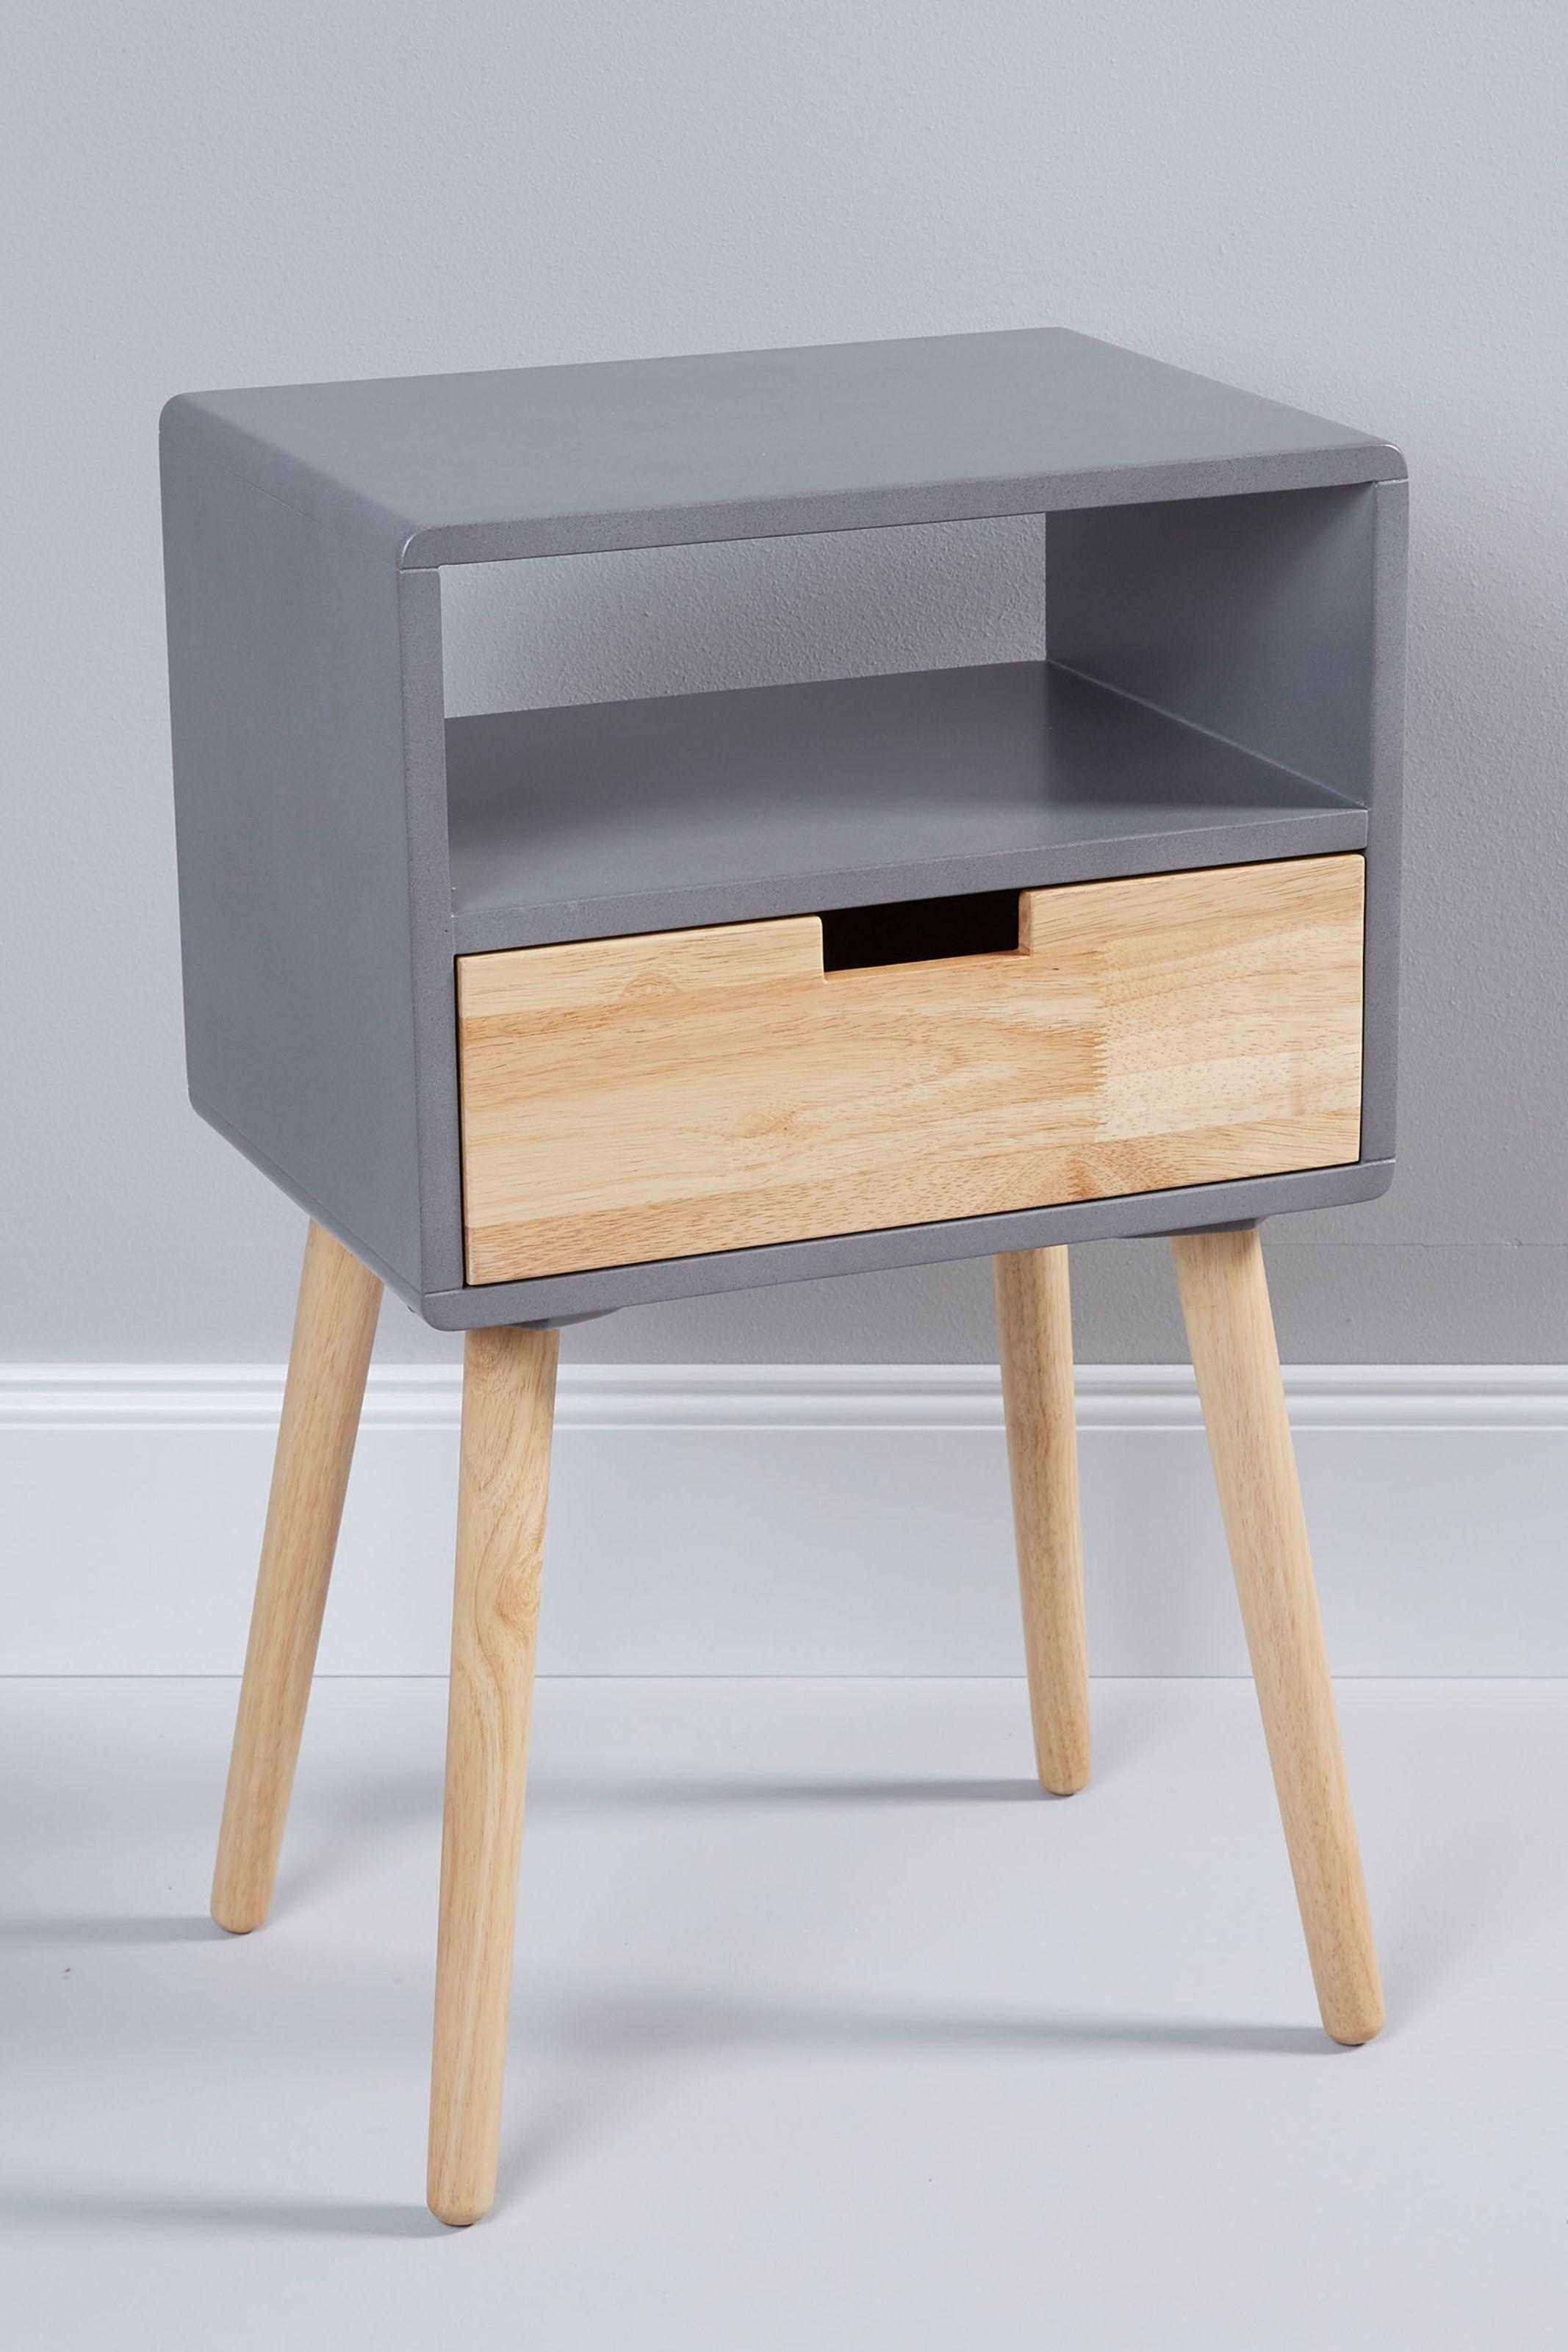 Scandi Beistelltisch Mit Schublade Beistelltisch Mit Schublade Telefontisch Beistelltisch